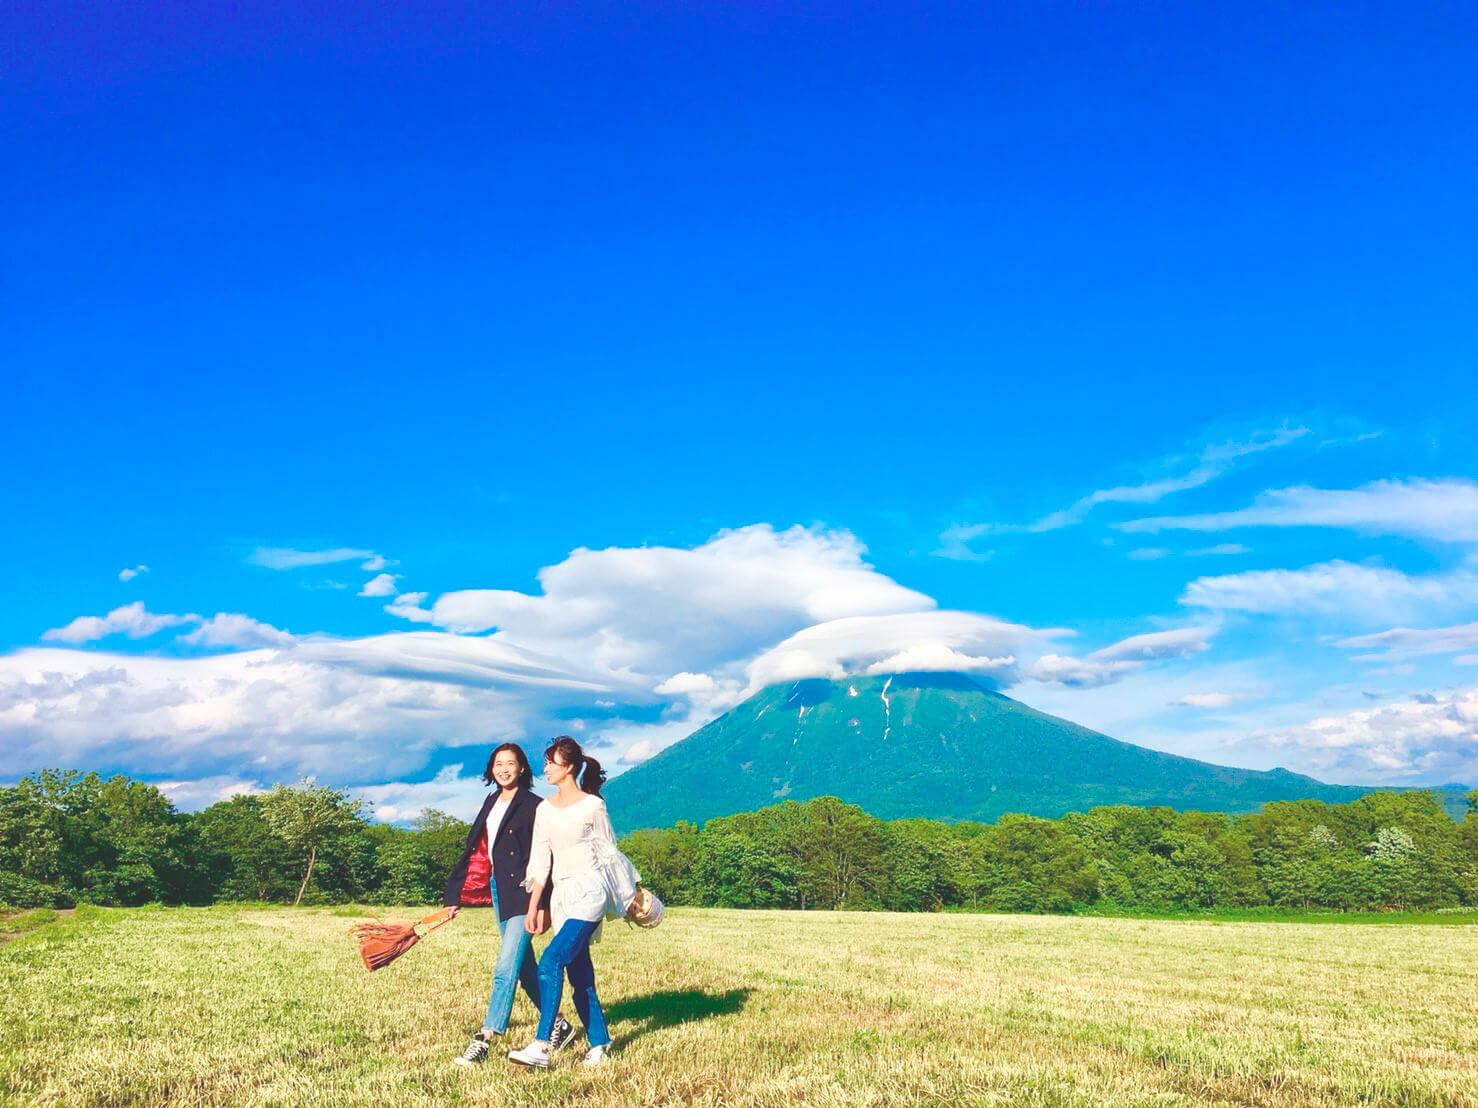 北海道の大自然。左から谷川りさこ、岡崎紗絵 ©TBS